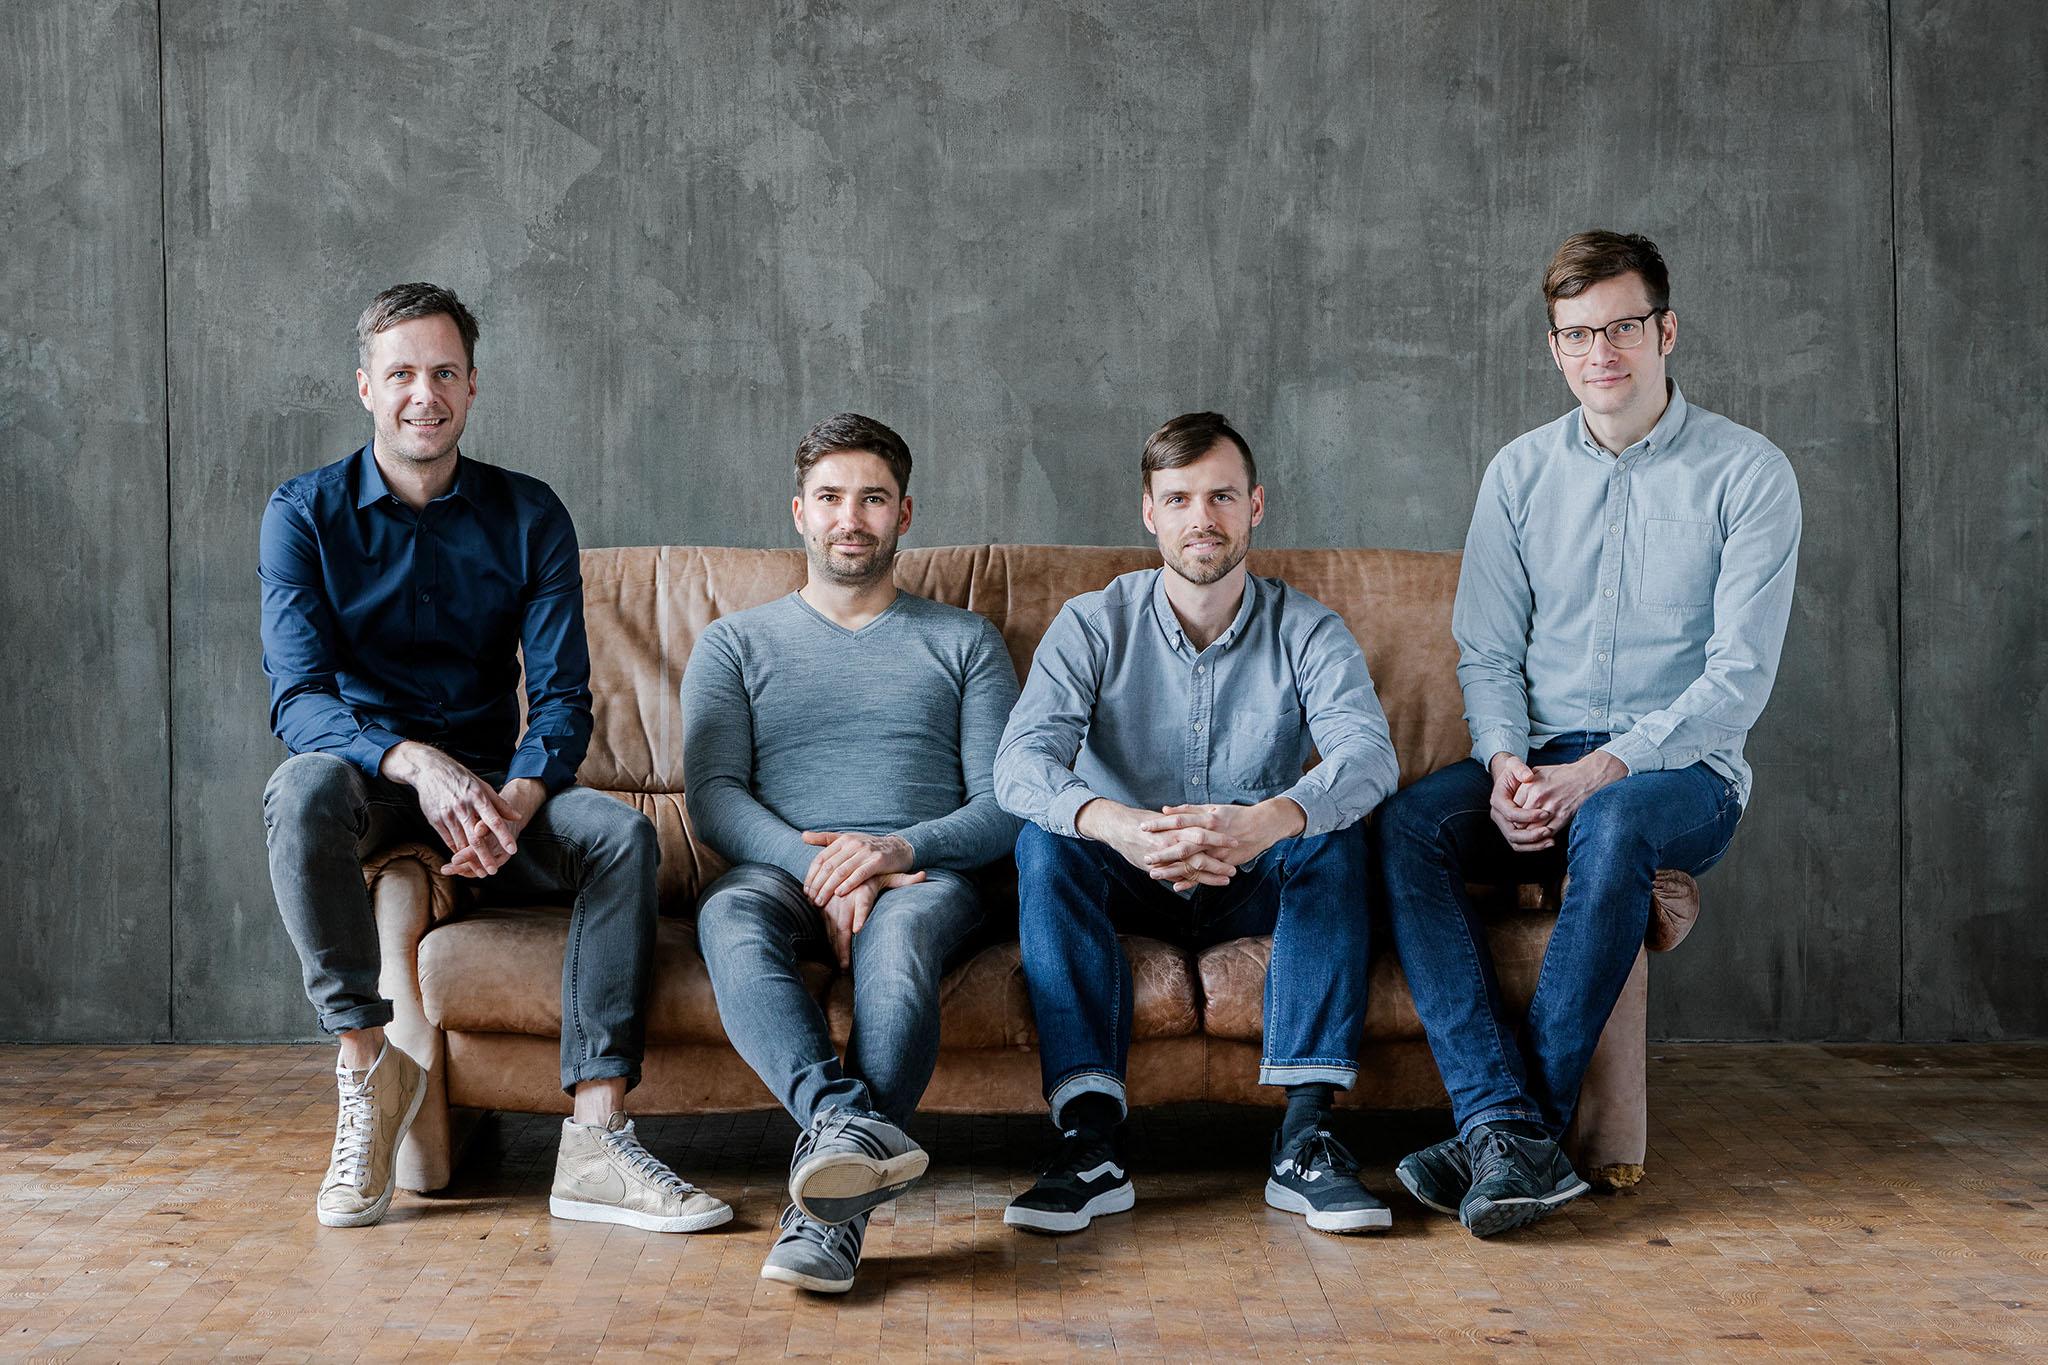 v.l.n.r.: Stephan Zehren, Manuel Holstein, Jörg Schindelhauer, Martin Schellhase